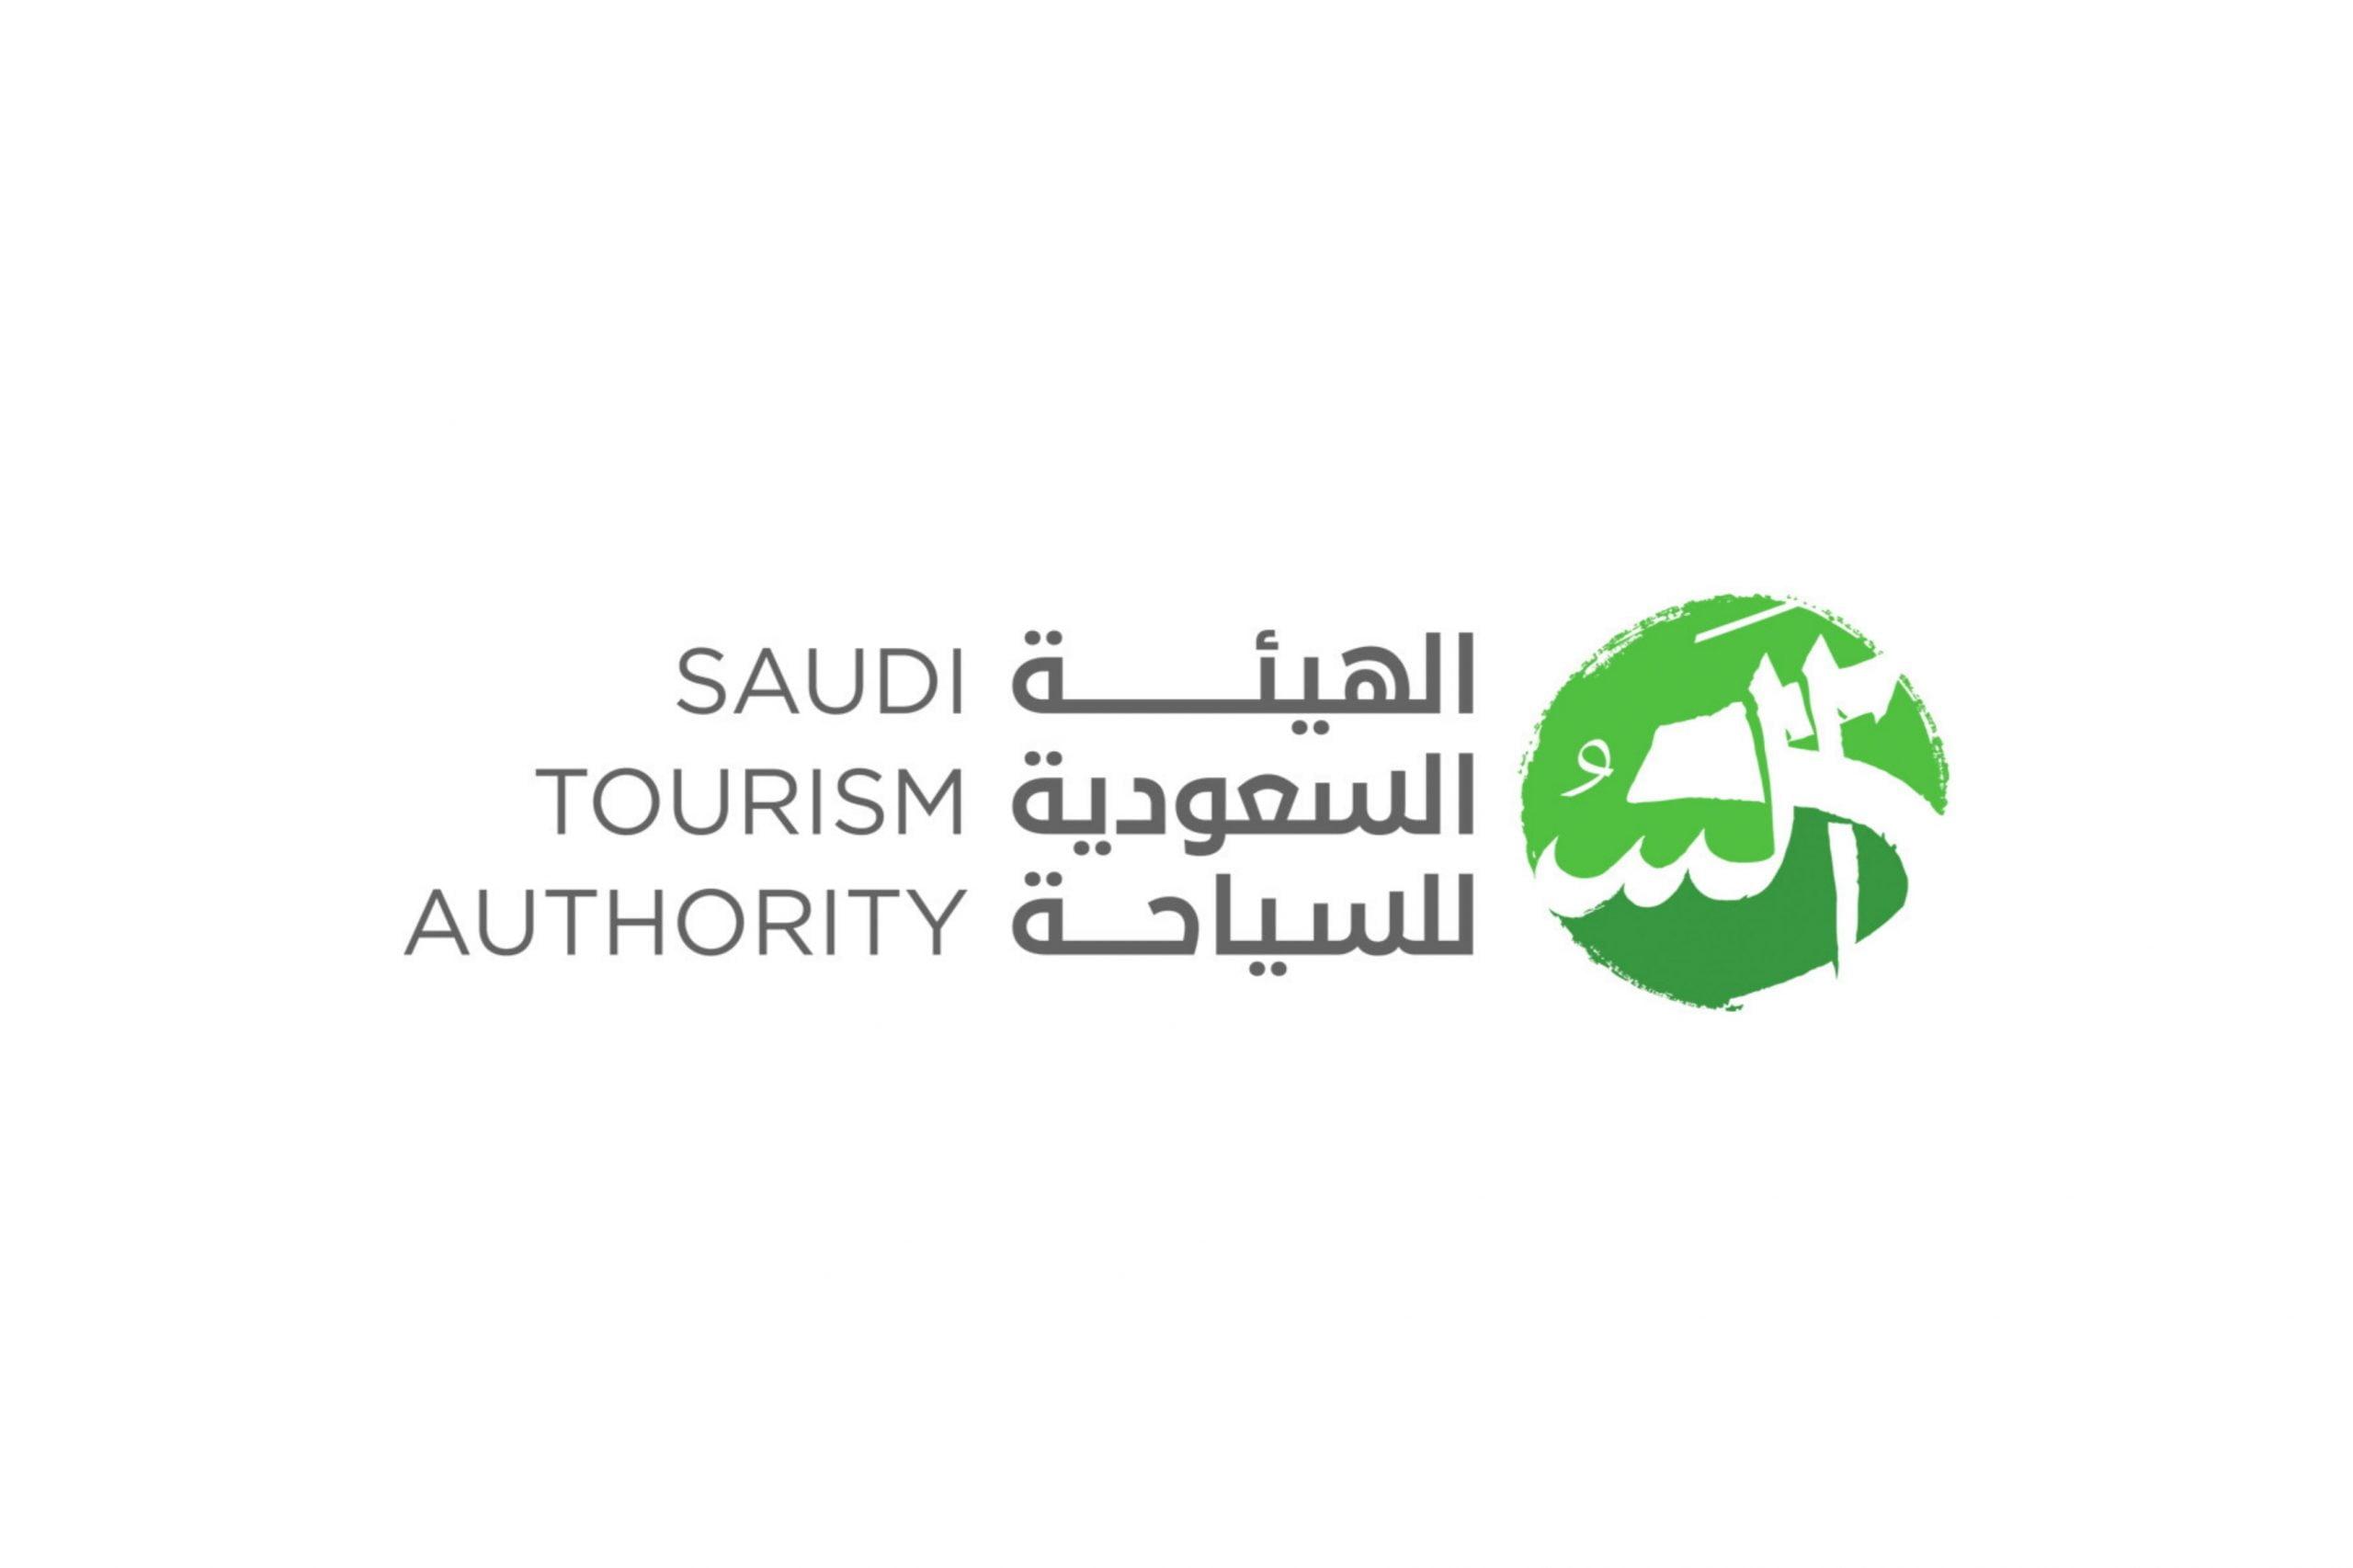 5 وظائف شاغرة في عدة مجالات بمدينة الرياض لدى الهيئة السعودية للسياحة 1